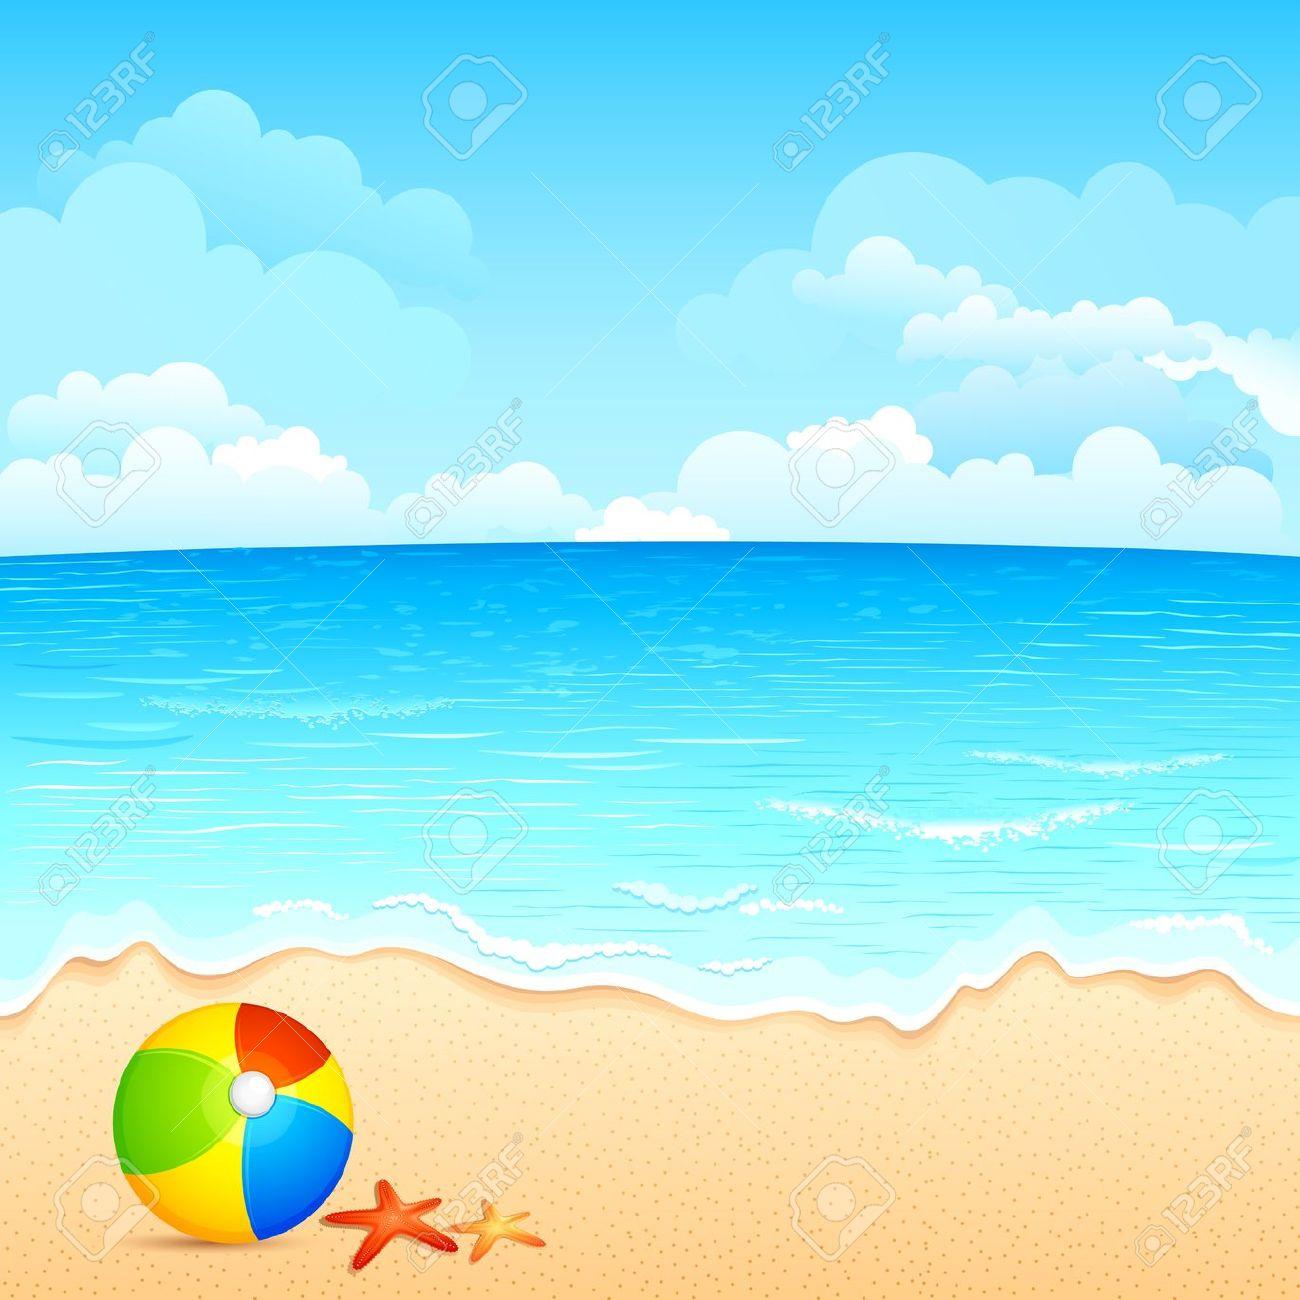 Ocean scenery clipart.